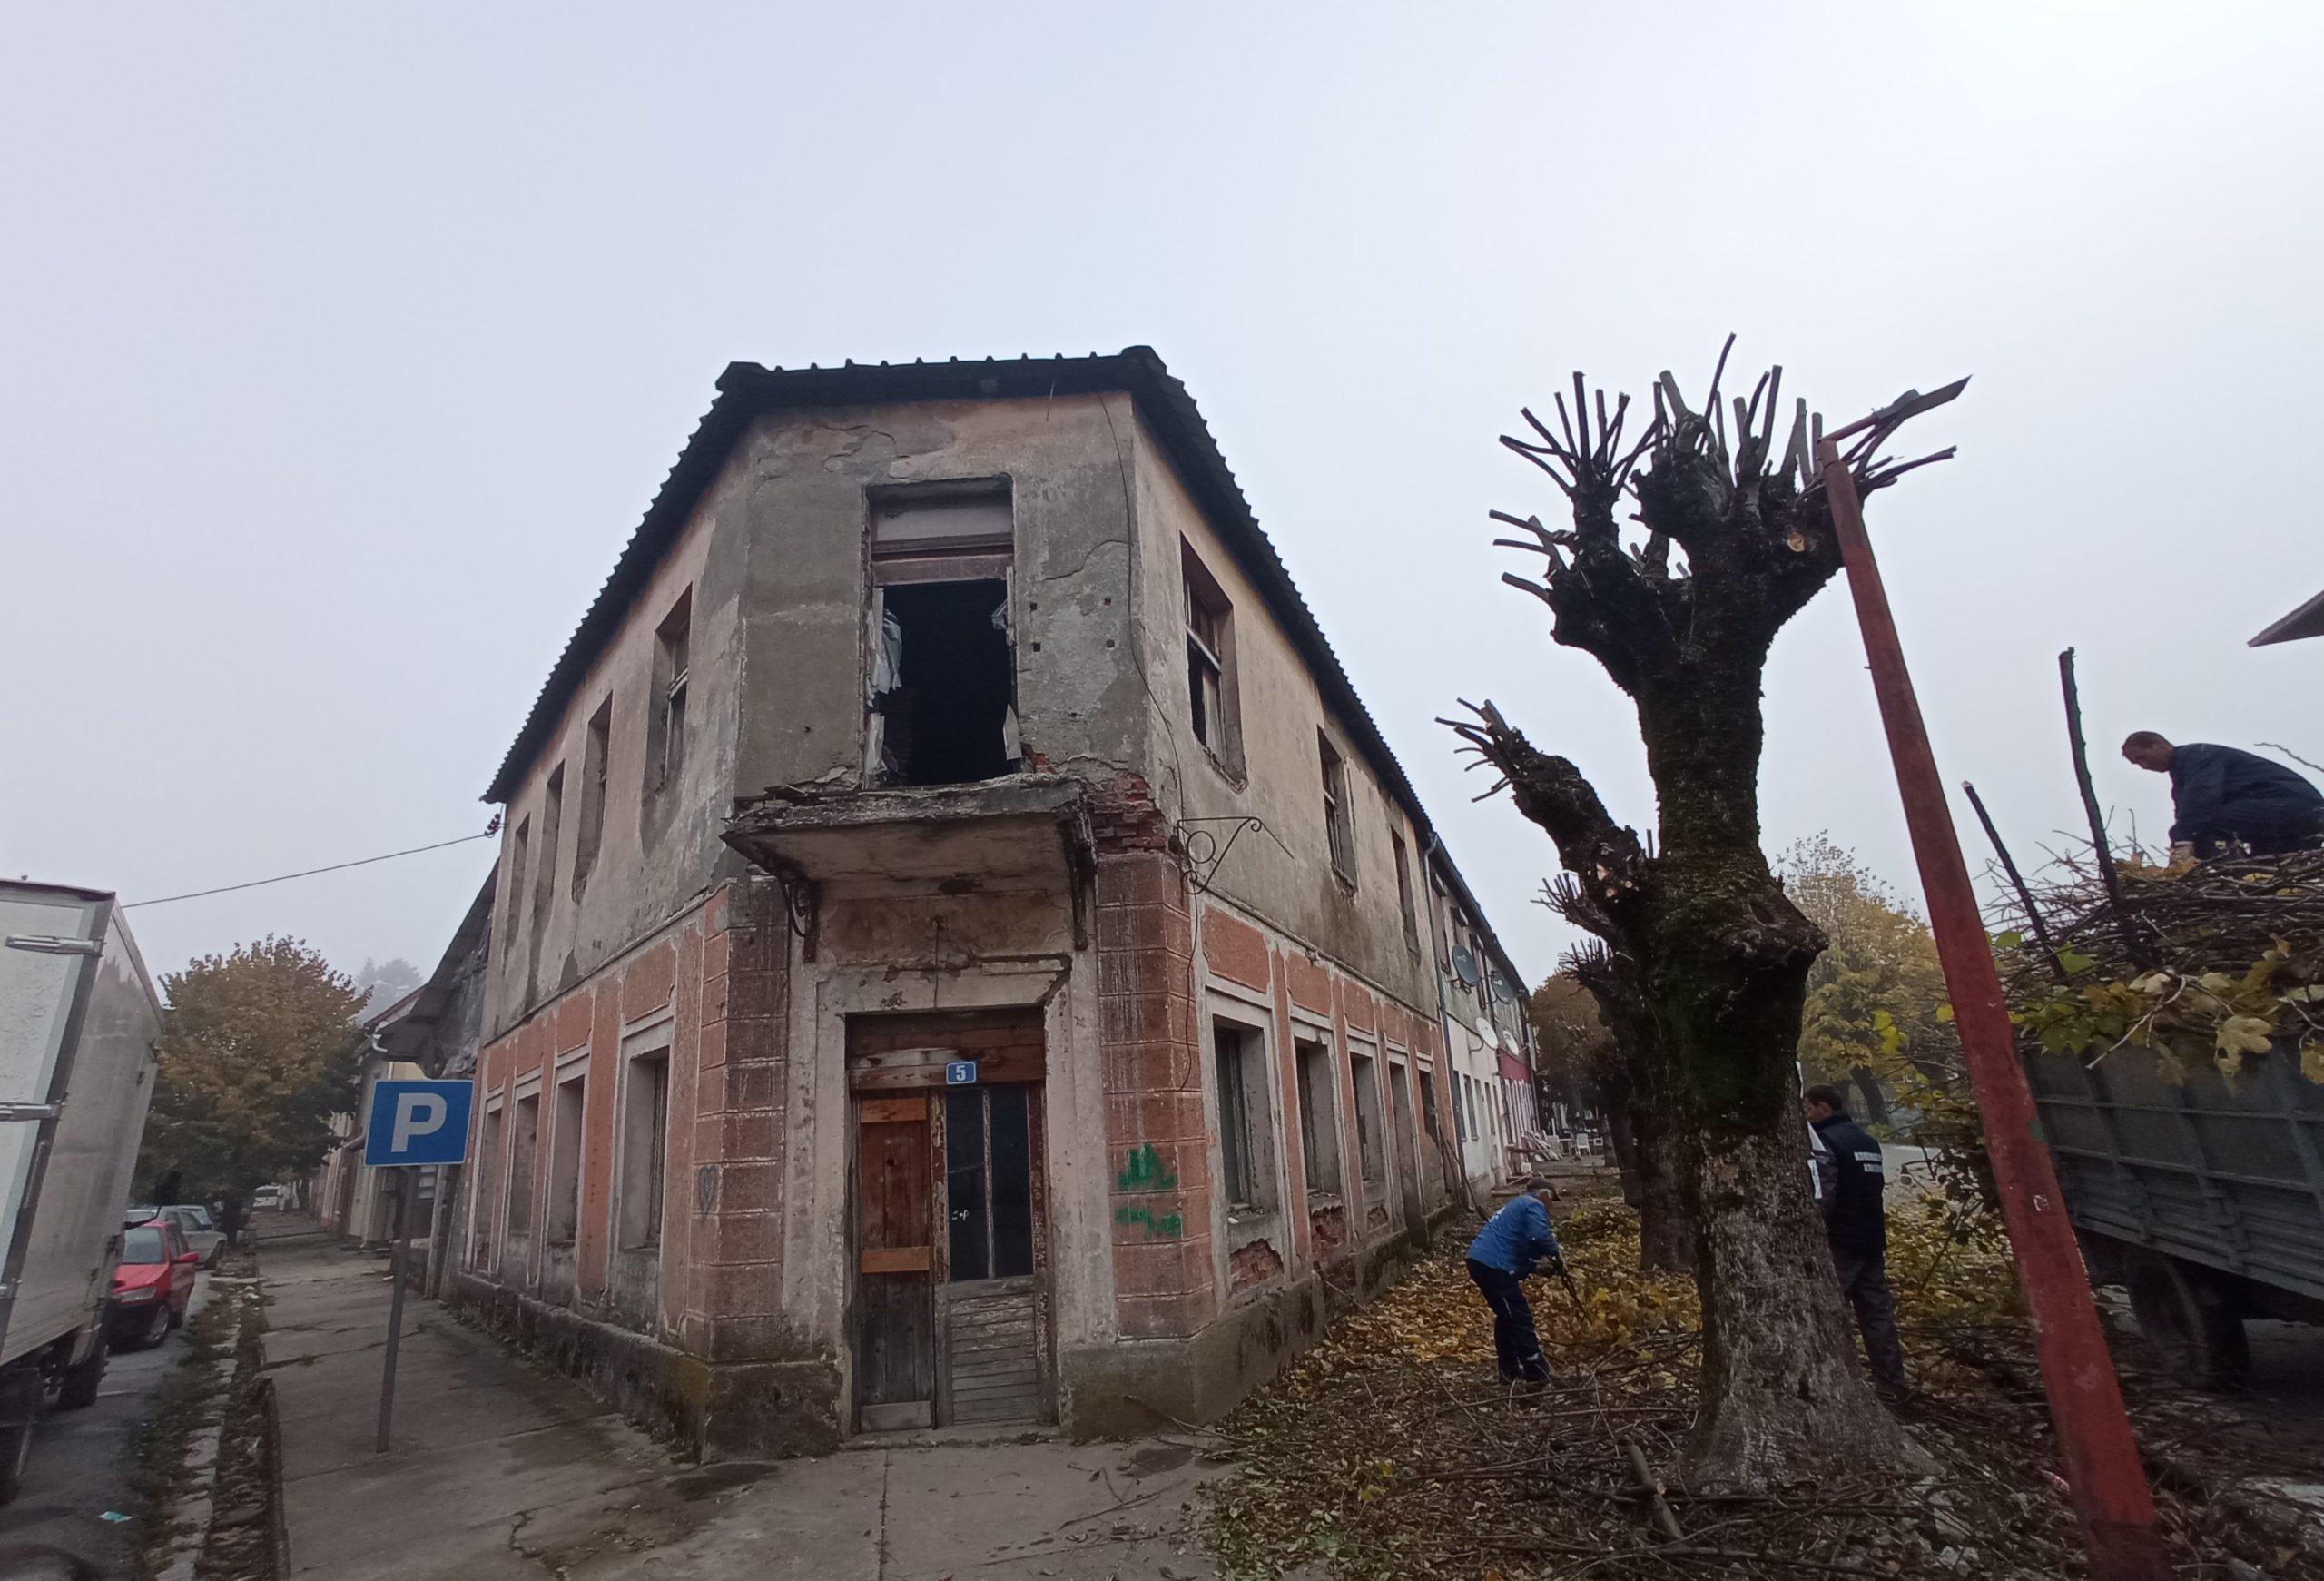 PROPADA VAŽAN DIO KOLAŠINSKOG KULTURNOG NASLJEĐA: Arhitektonski ponos pretvoren u ruine